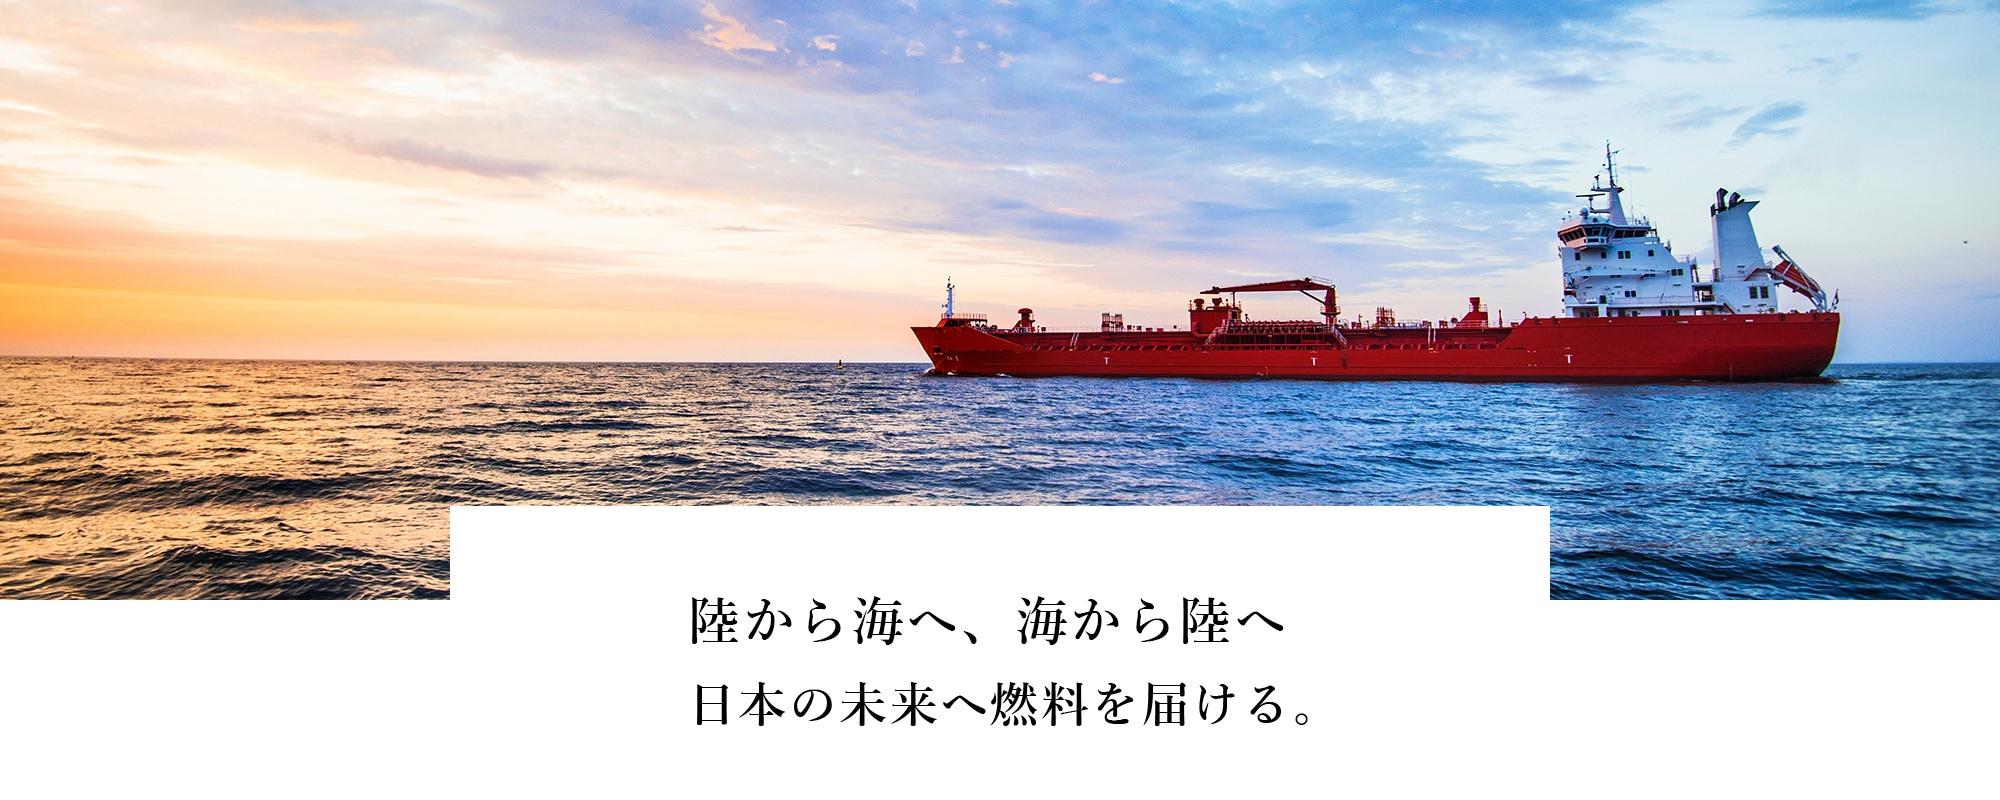 陸から海へ、海から陸へ日本の未来へ燃料を届ける。